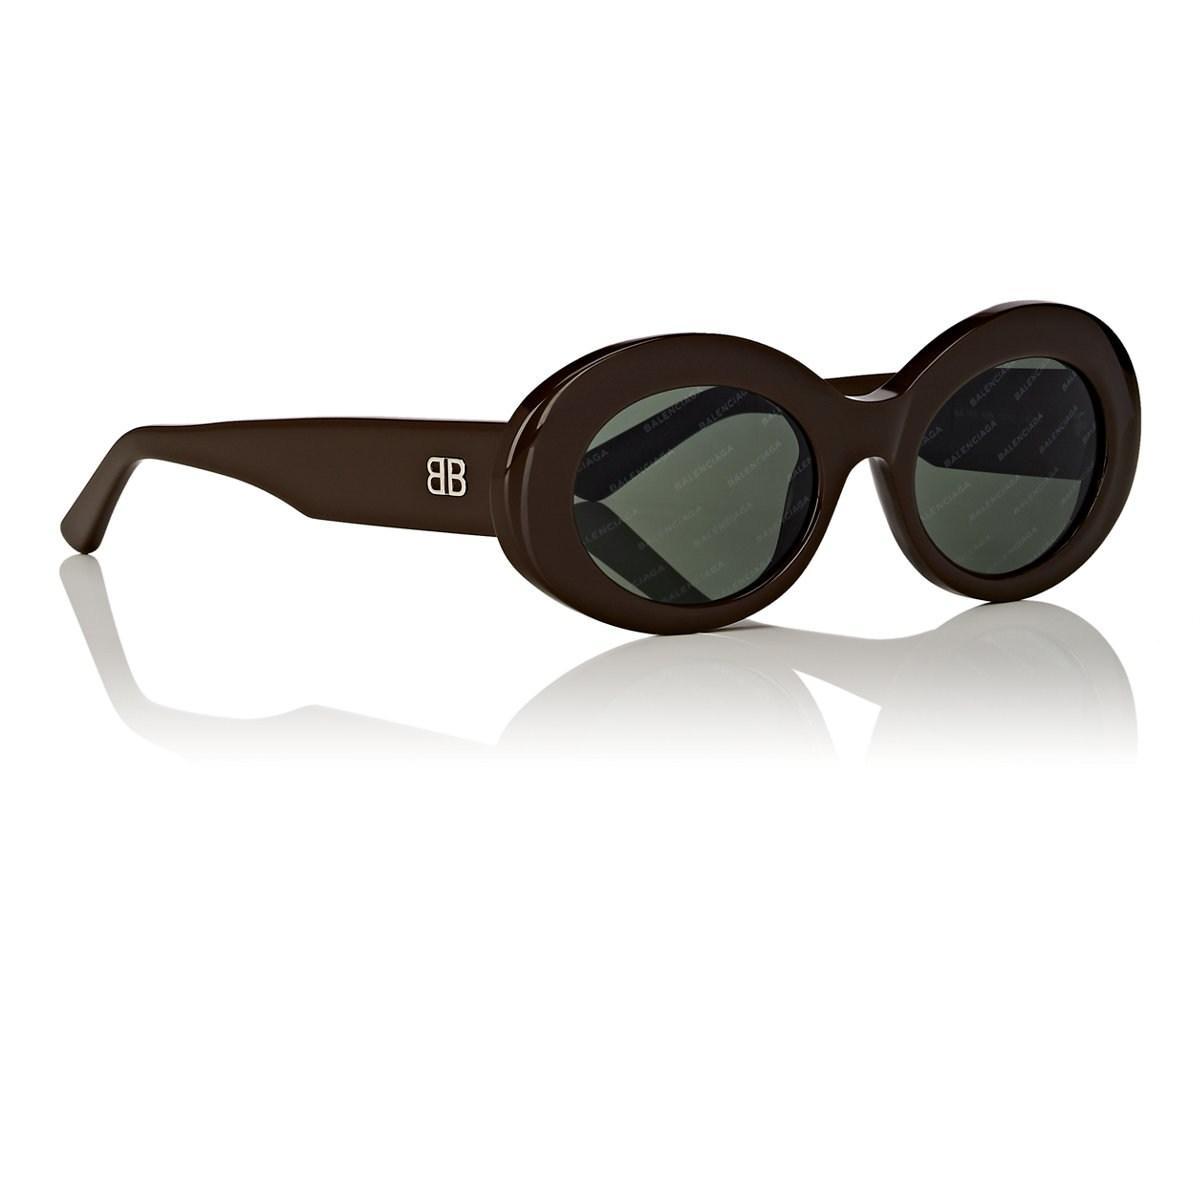 497b41e811ac8 Balenciaga Ba145 Sunglasses in Brown - Lyst